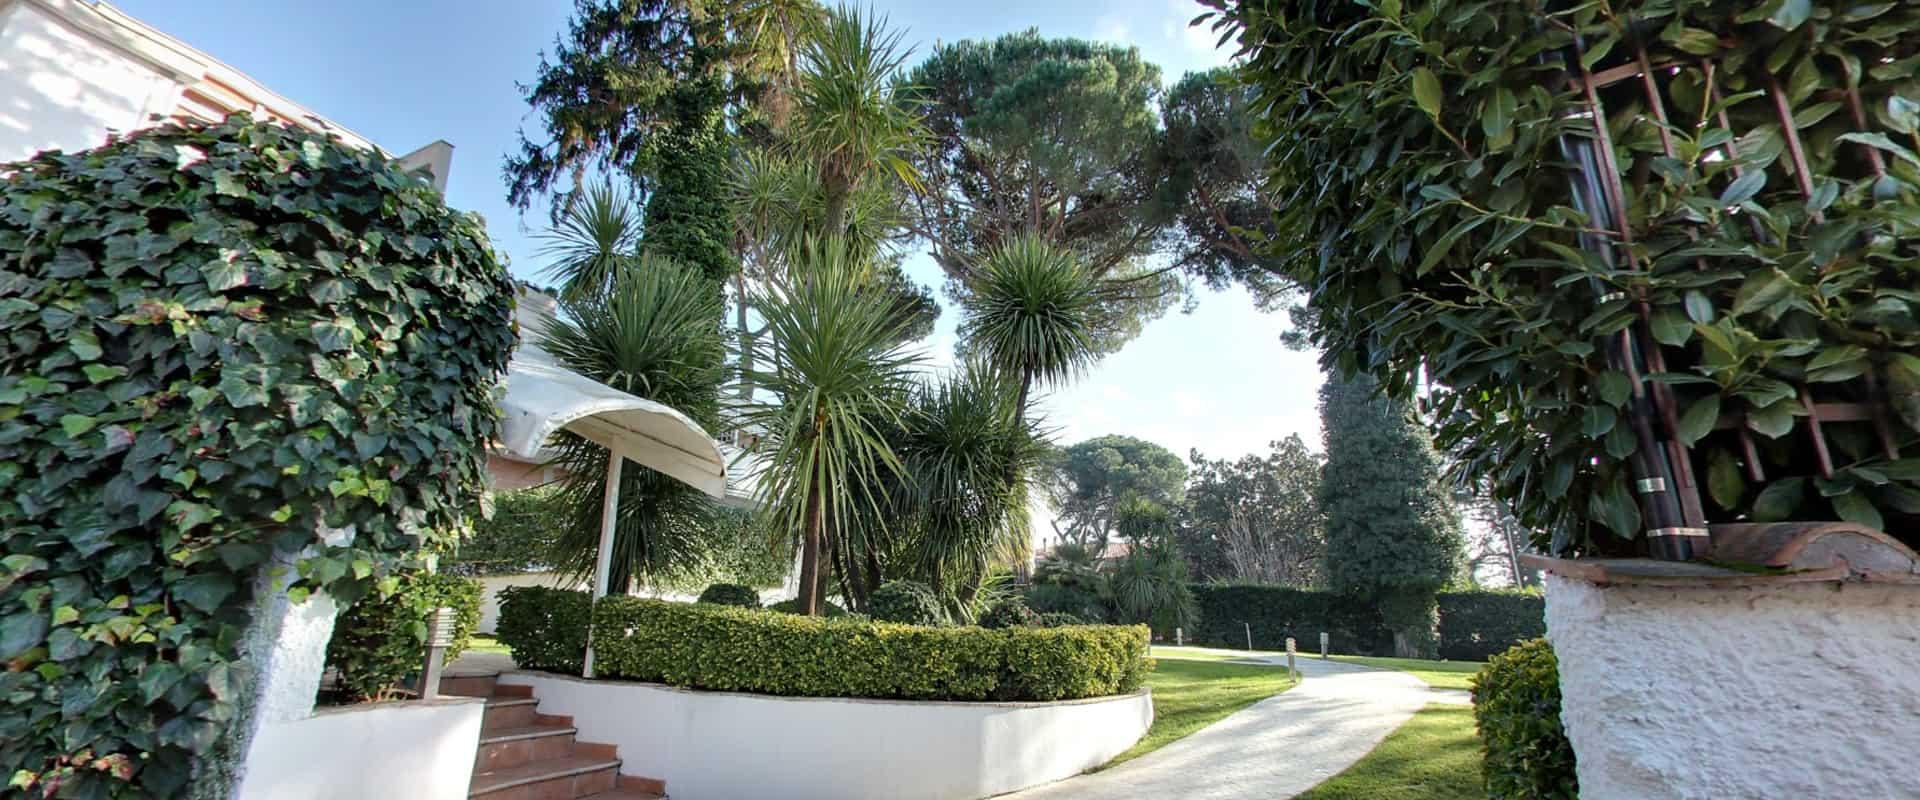 Residence mensile Roma: posso risparmiare scegliendolo?